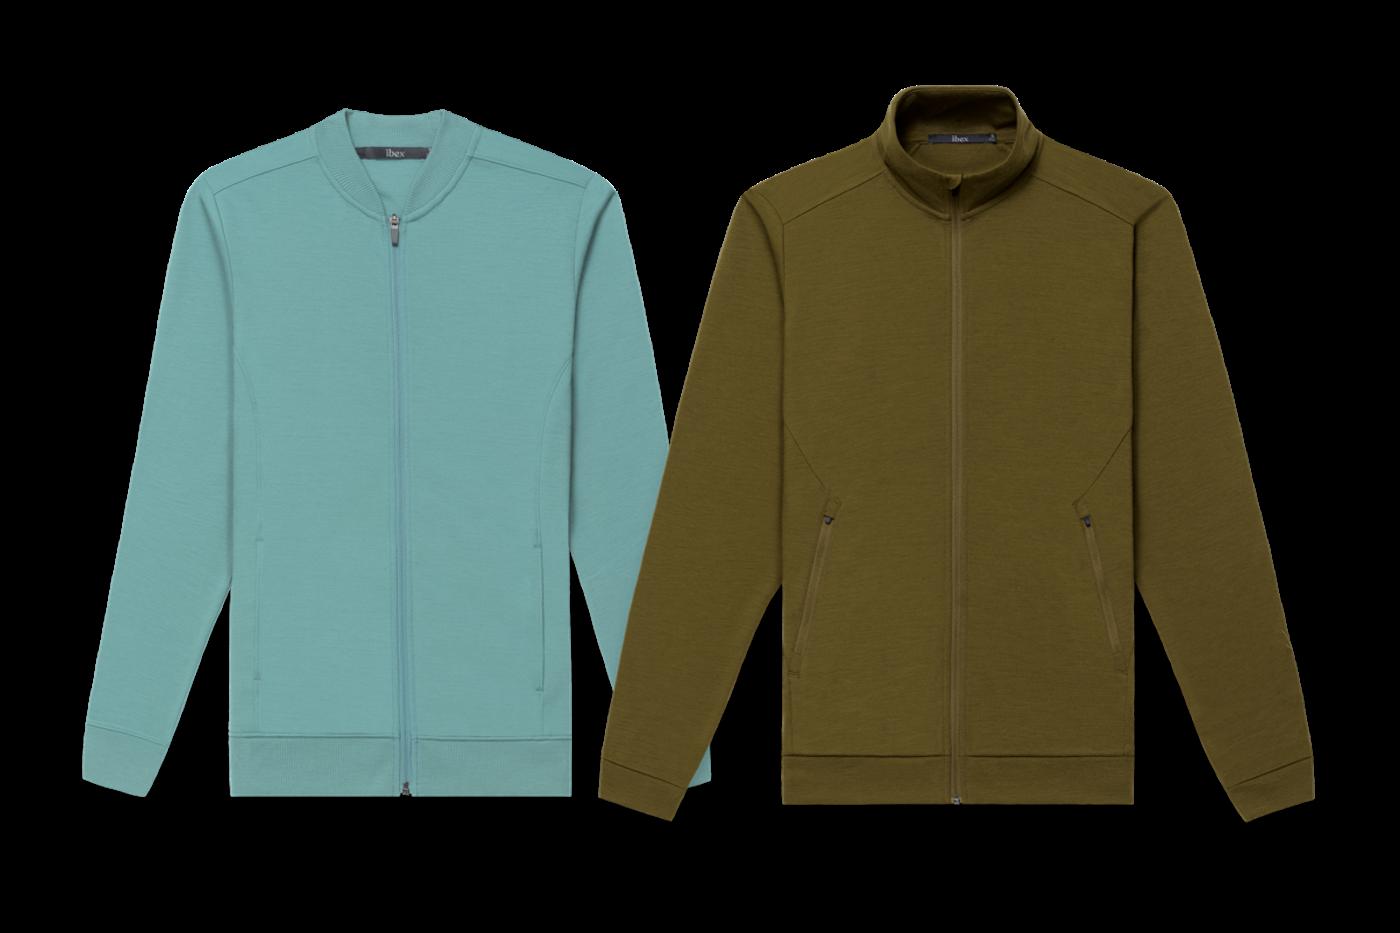 Ibex Wool's New 100% Merino Shak Lite Jackets for Men and Women